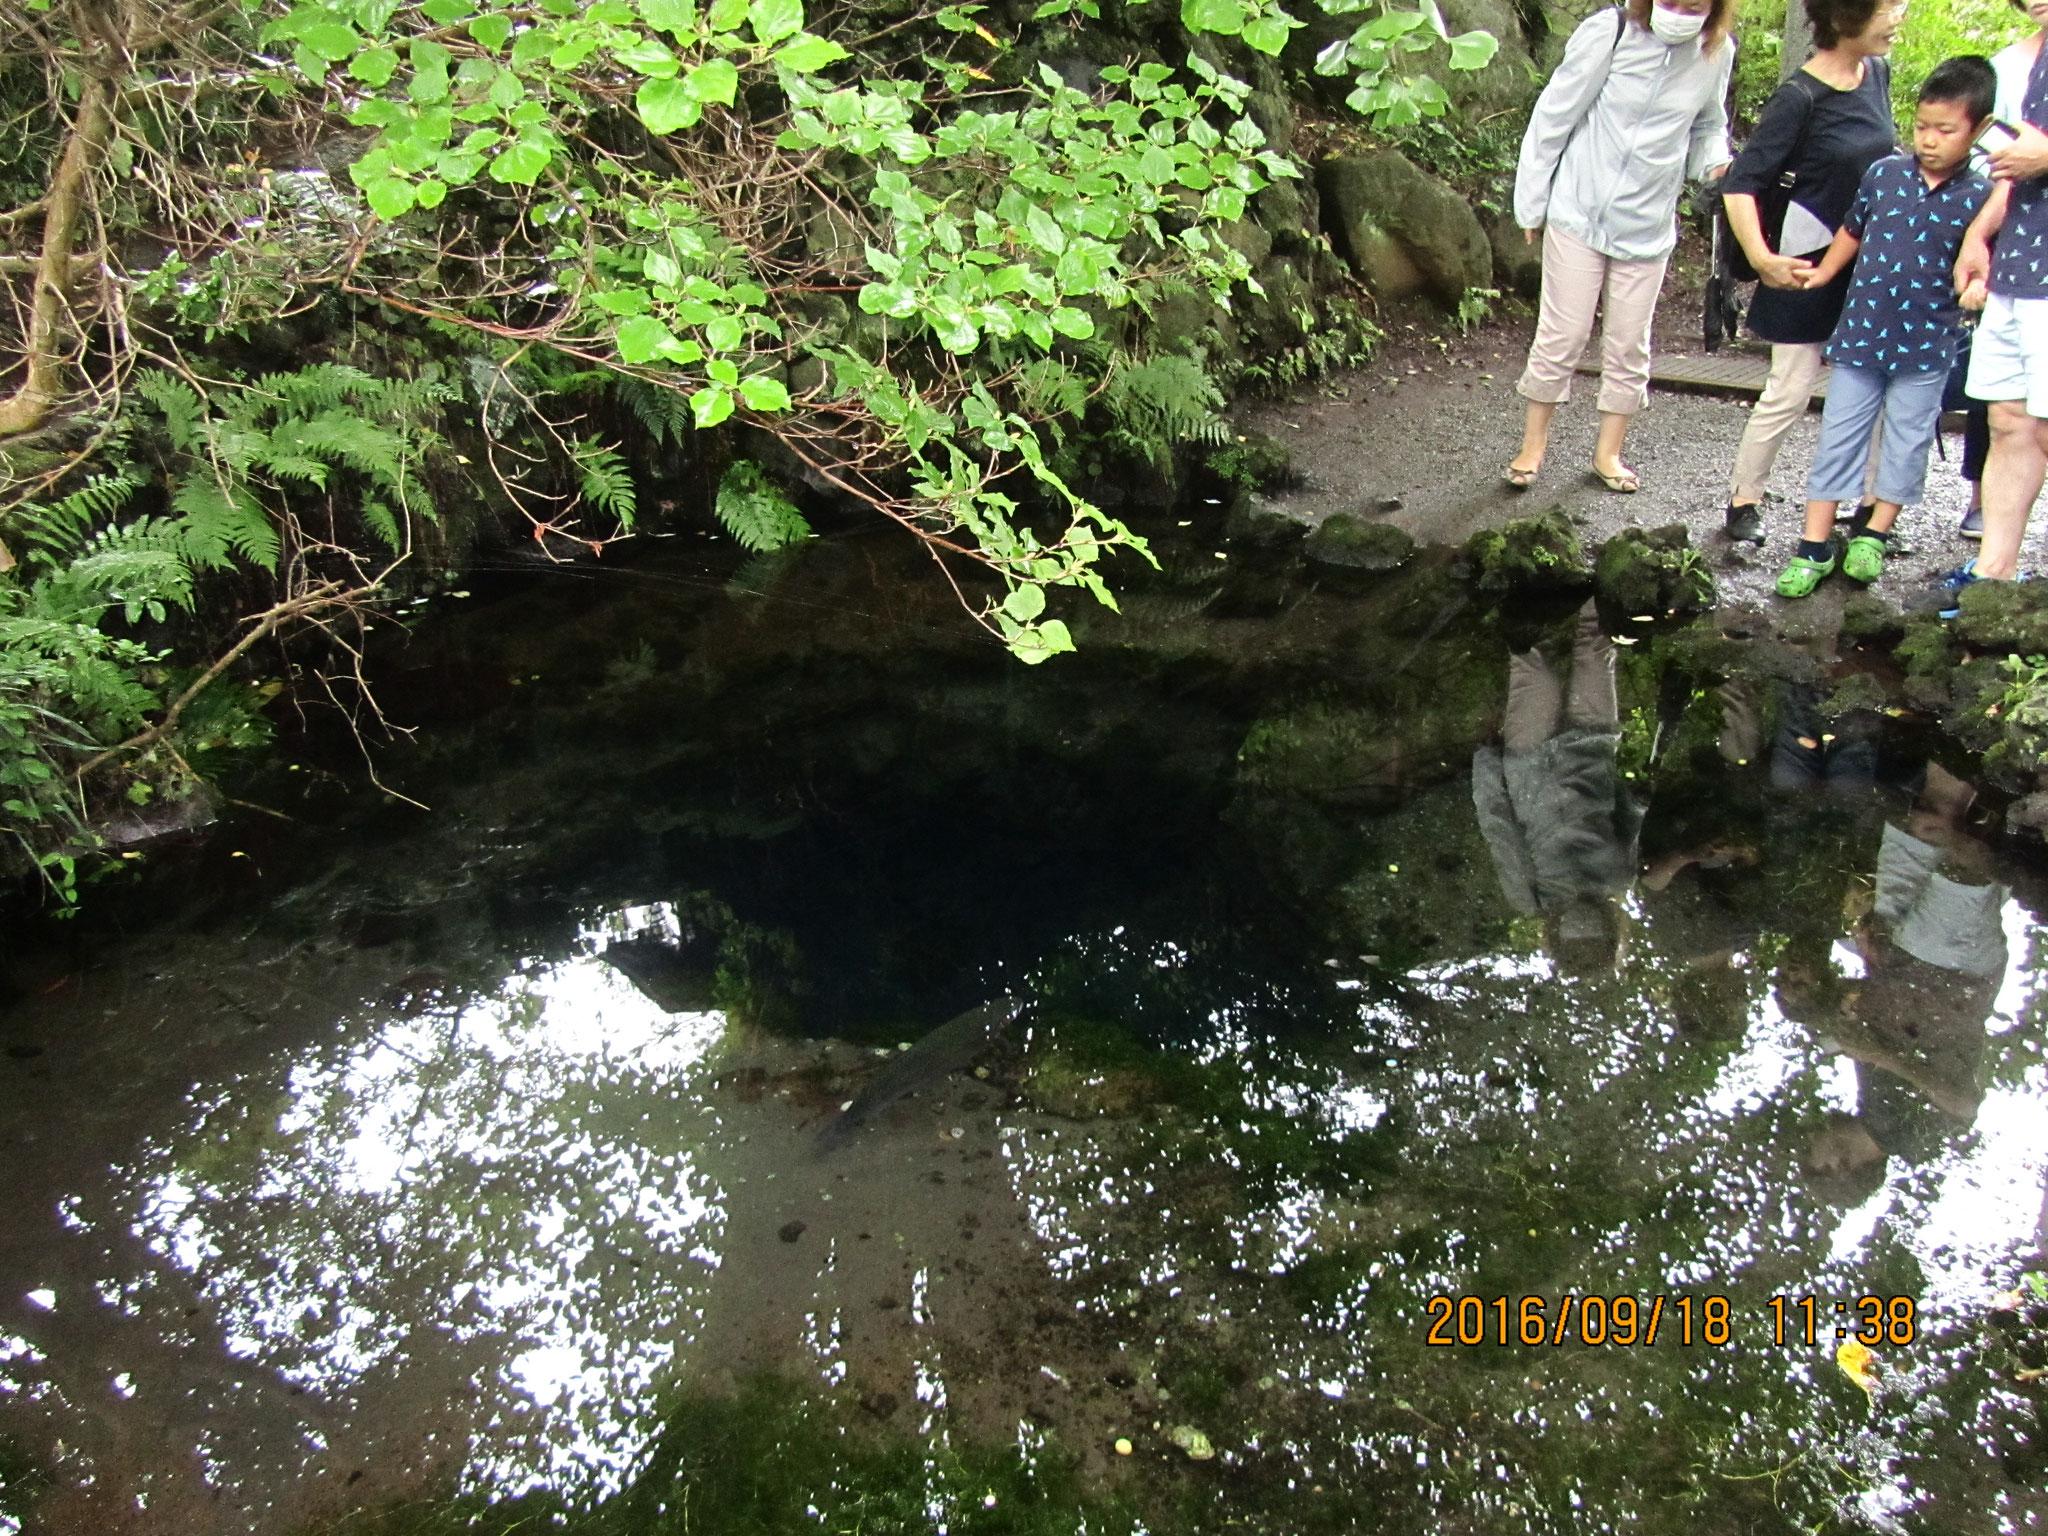 お釜池(おかまいけ)。昔、この池のほとりに年老いた父と二人の娘が暮らしていました。娘達が洗濯していると、大きなガマガエルが現れ、妹を水中に引きずり込んでしまったそうです。そのため、オオガマ池とも呼ばれます。